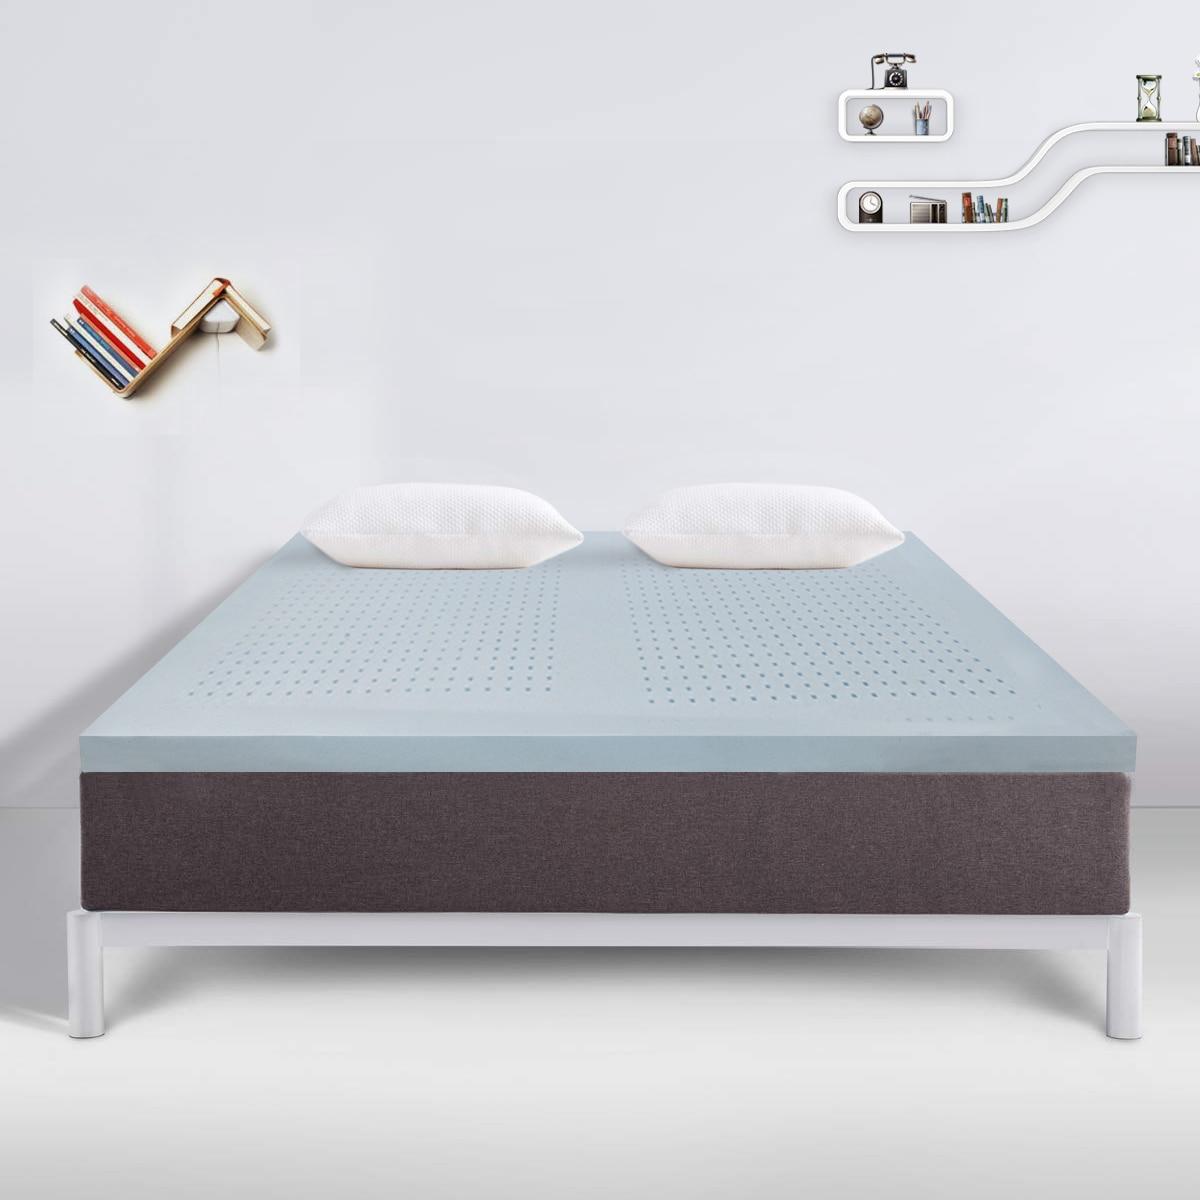 Schlafzimmer Möbel PüNktlich 3 einzigen Schicht Gel Partikel Firma Speicher Schaum Baumwolle Mattres Frühjahr Hohe Weichheit Komfort Matratze Perfekte Schlaf-uns Lager Matratzen